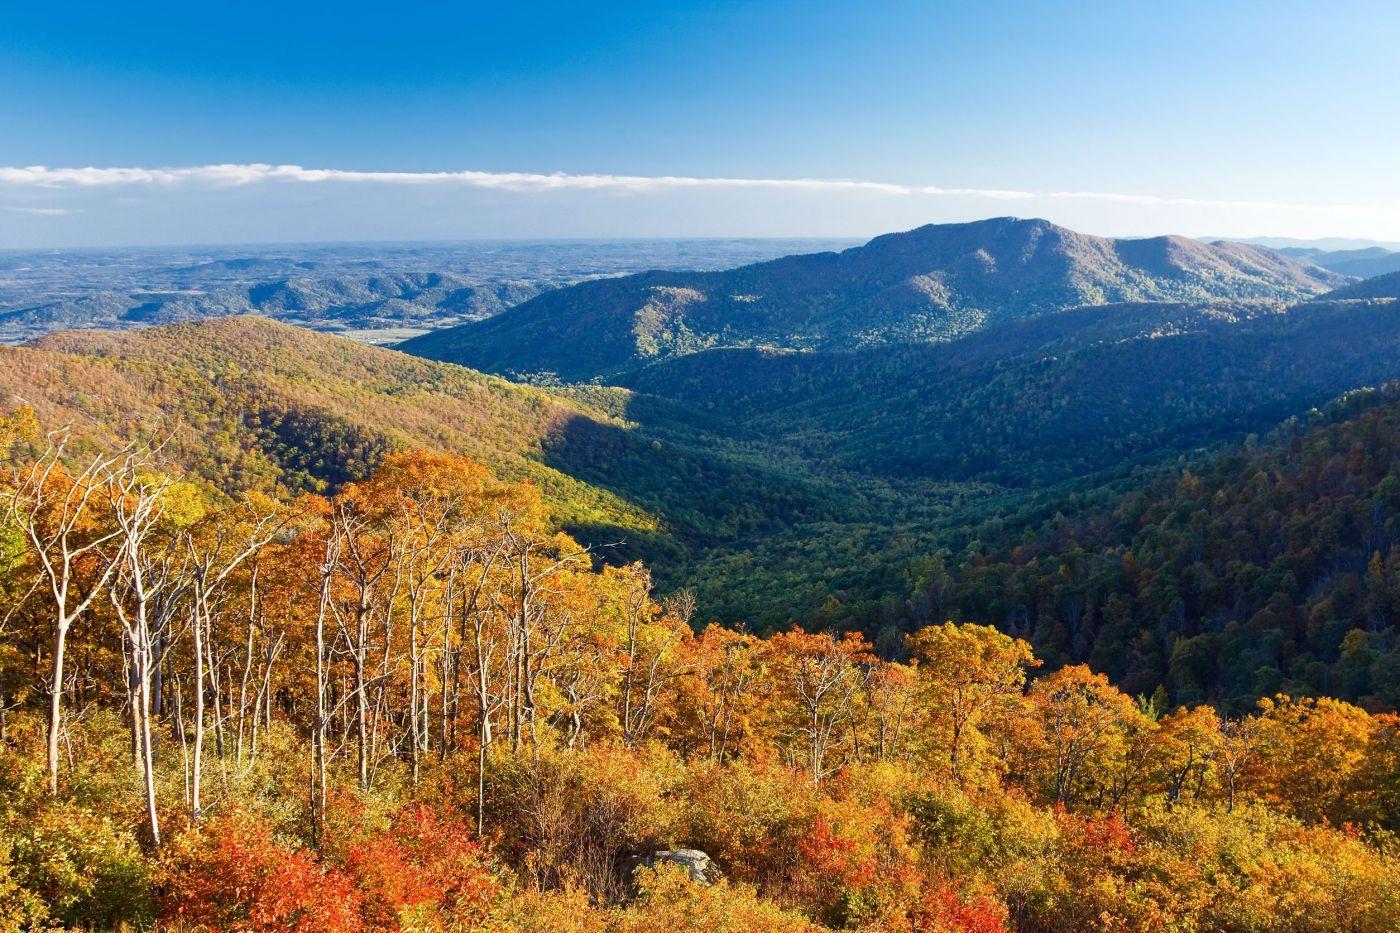 autumn-landscape-in-shenandoah-national-